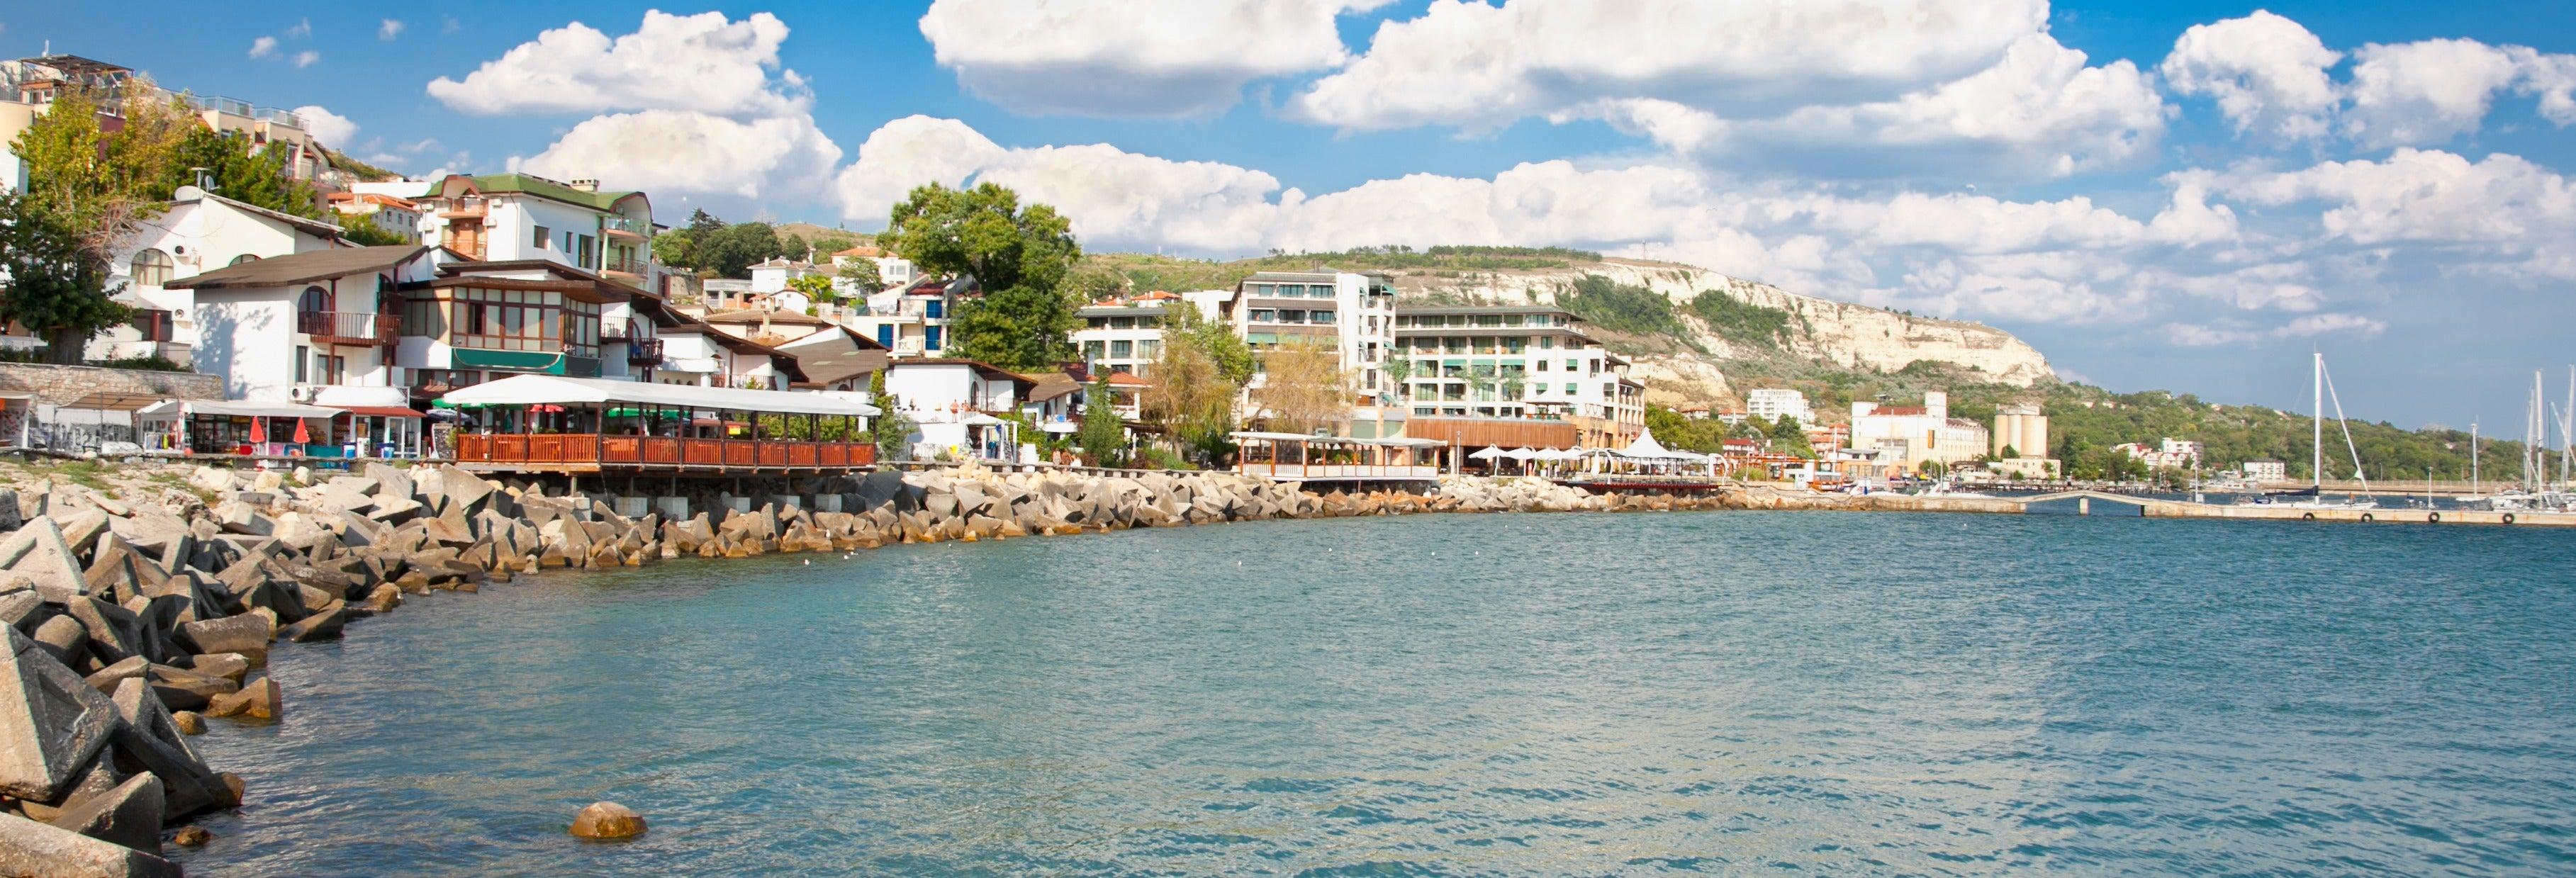 Excursión en velero por el mar Negro